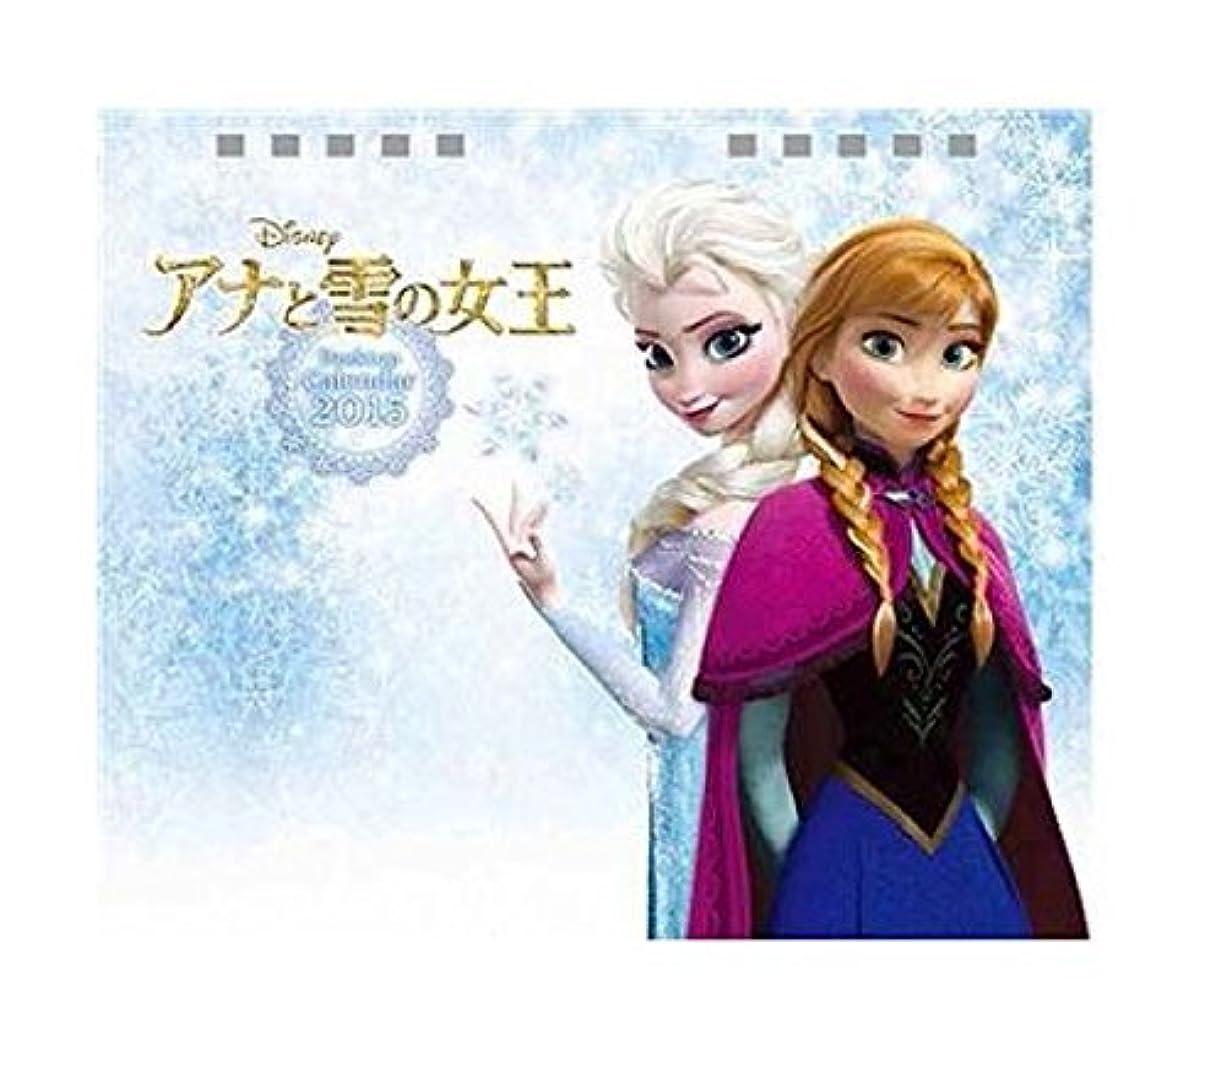 薄汚いサスティーン人種アナと雪の女王 2015年 卓上 カレンダー ディズニー(Disney)